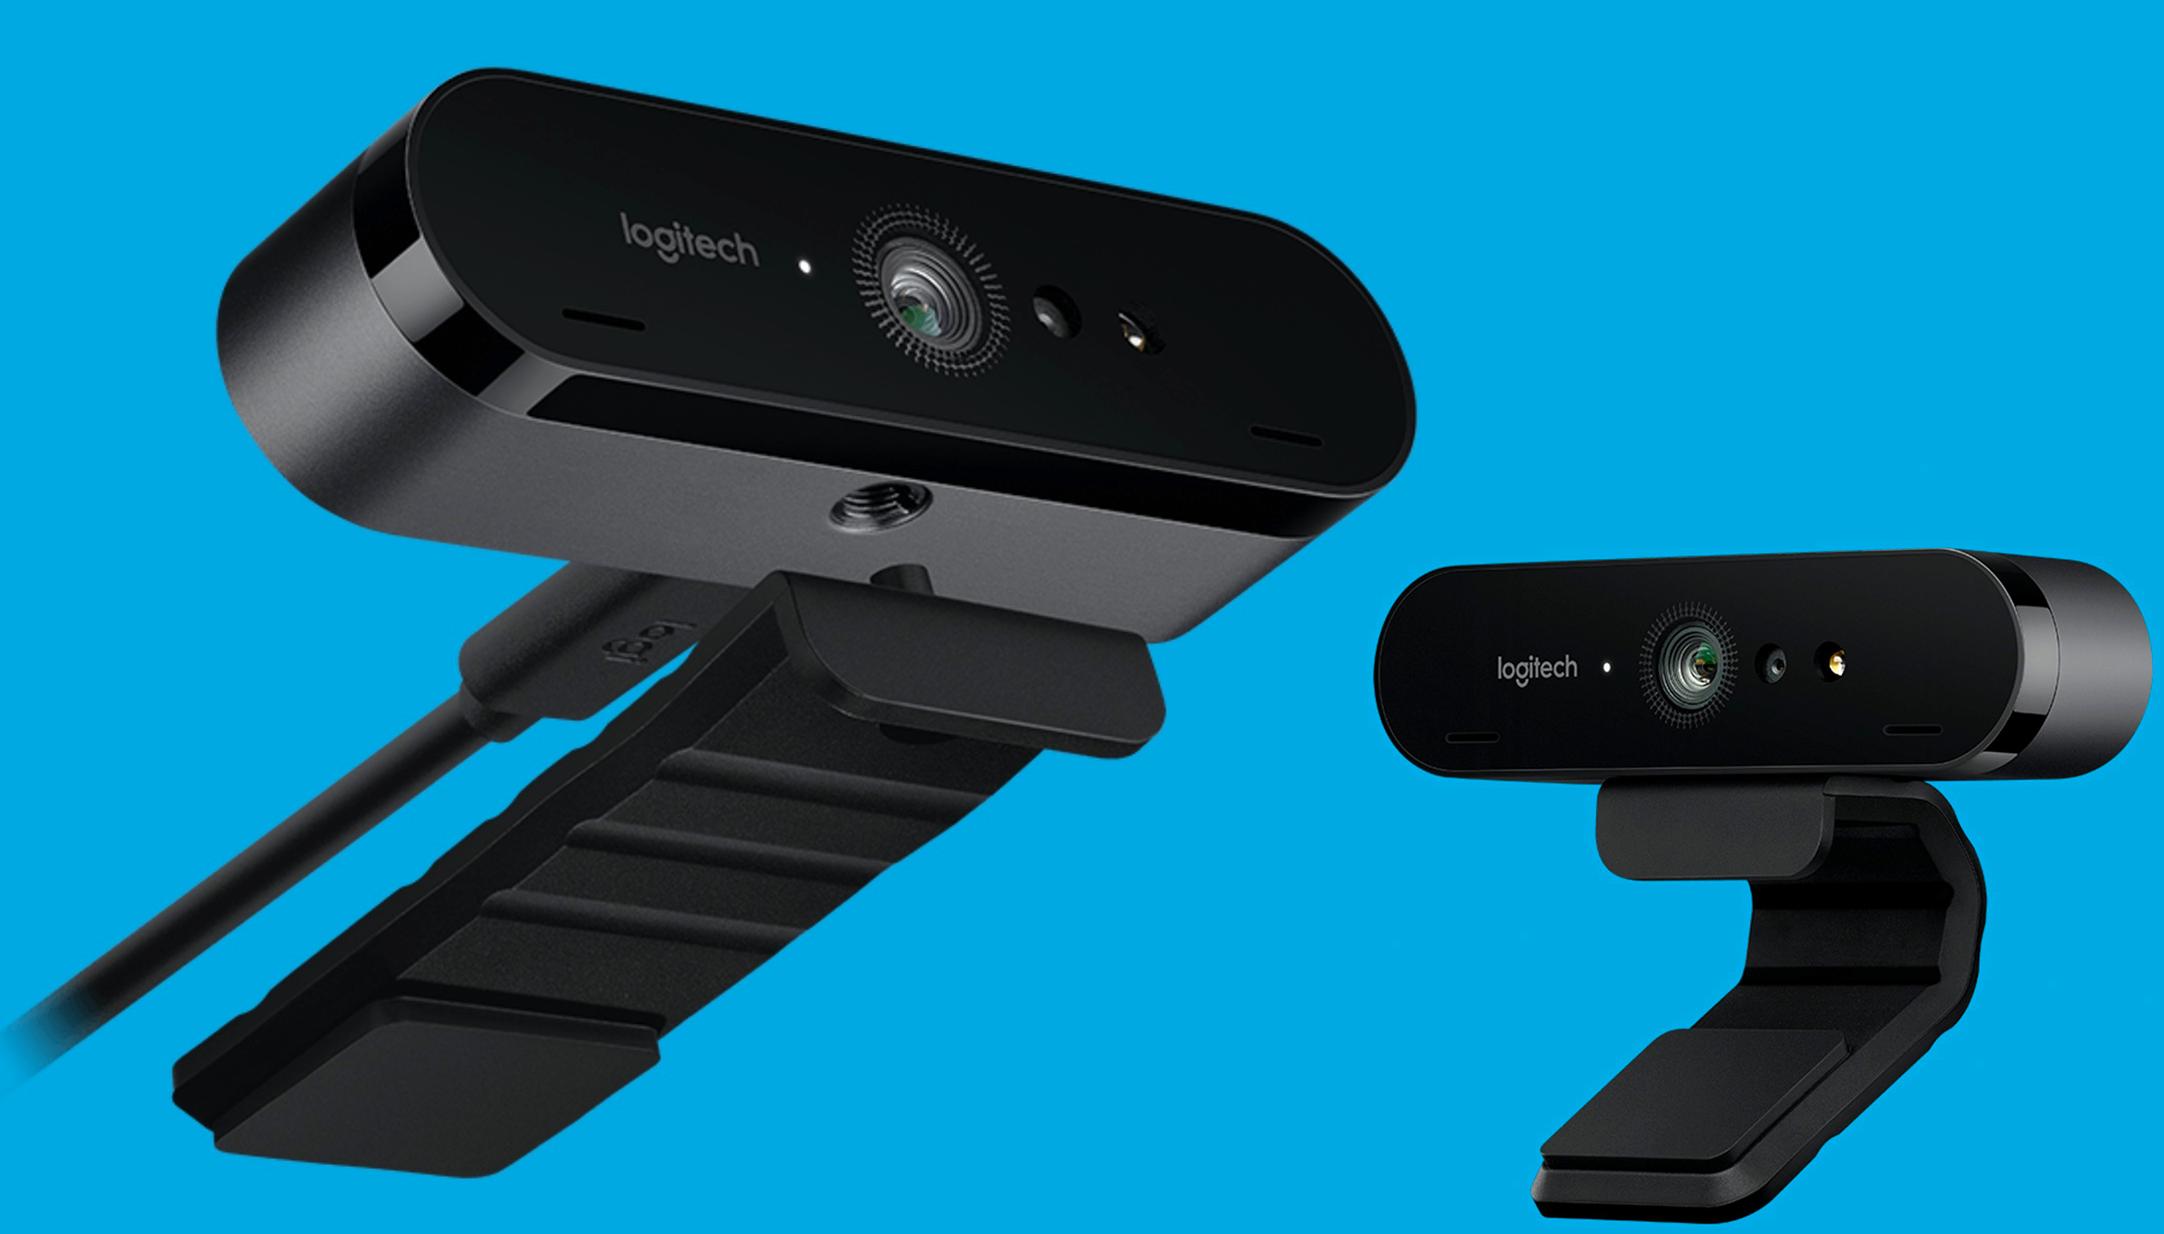 Conozcan a la primera webcam 4K HDR del mundo, gracias a Logitech